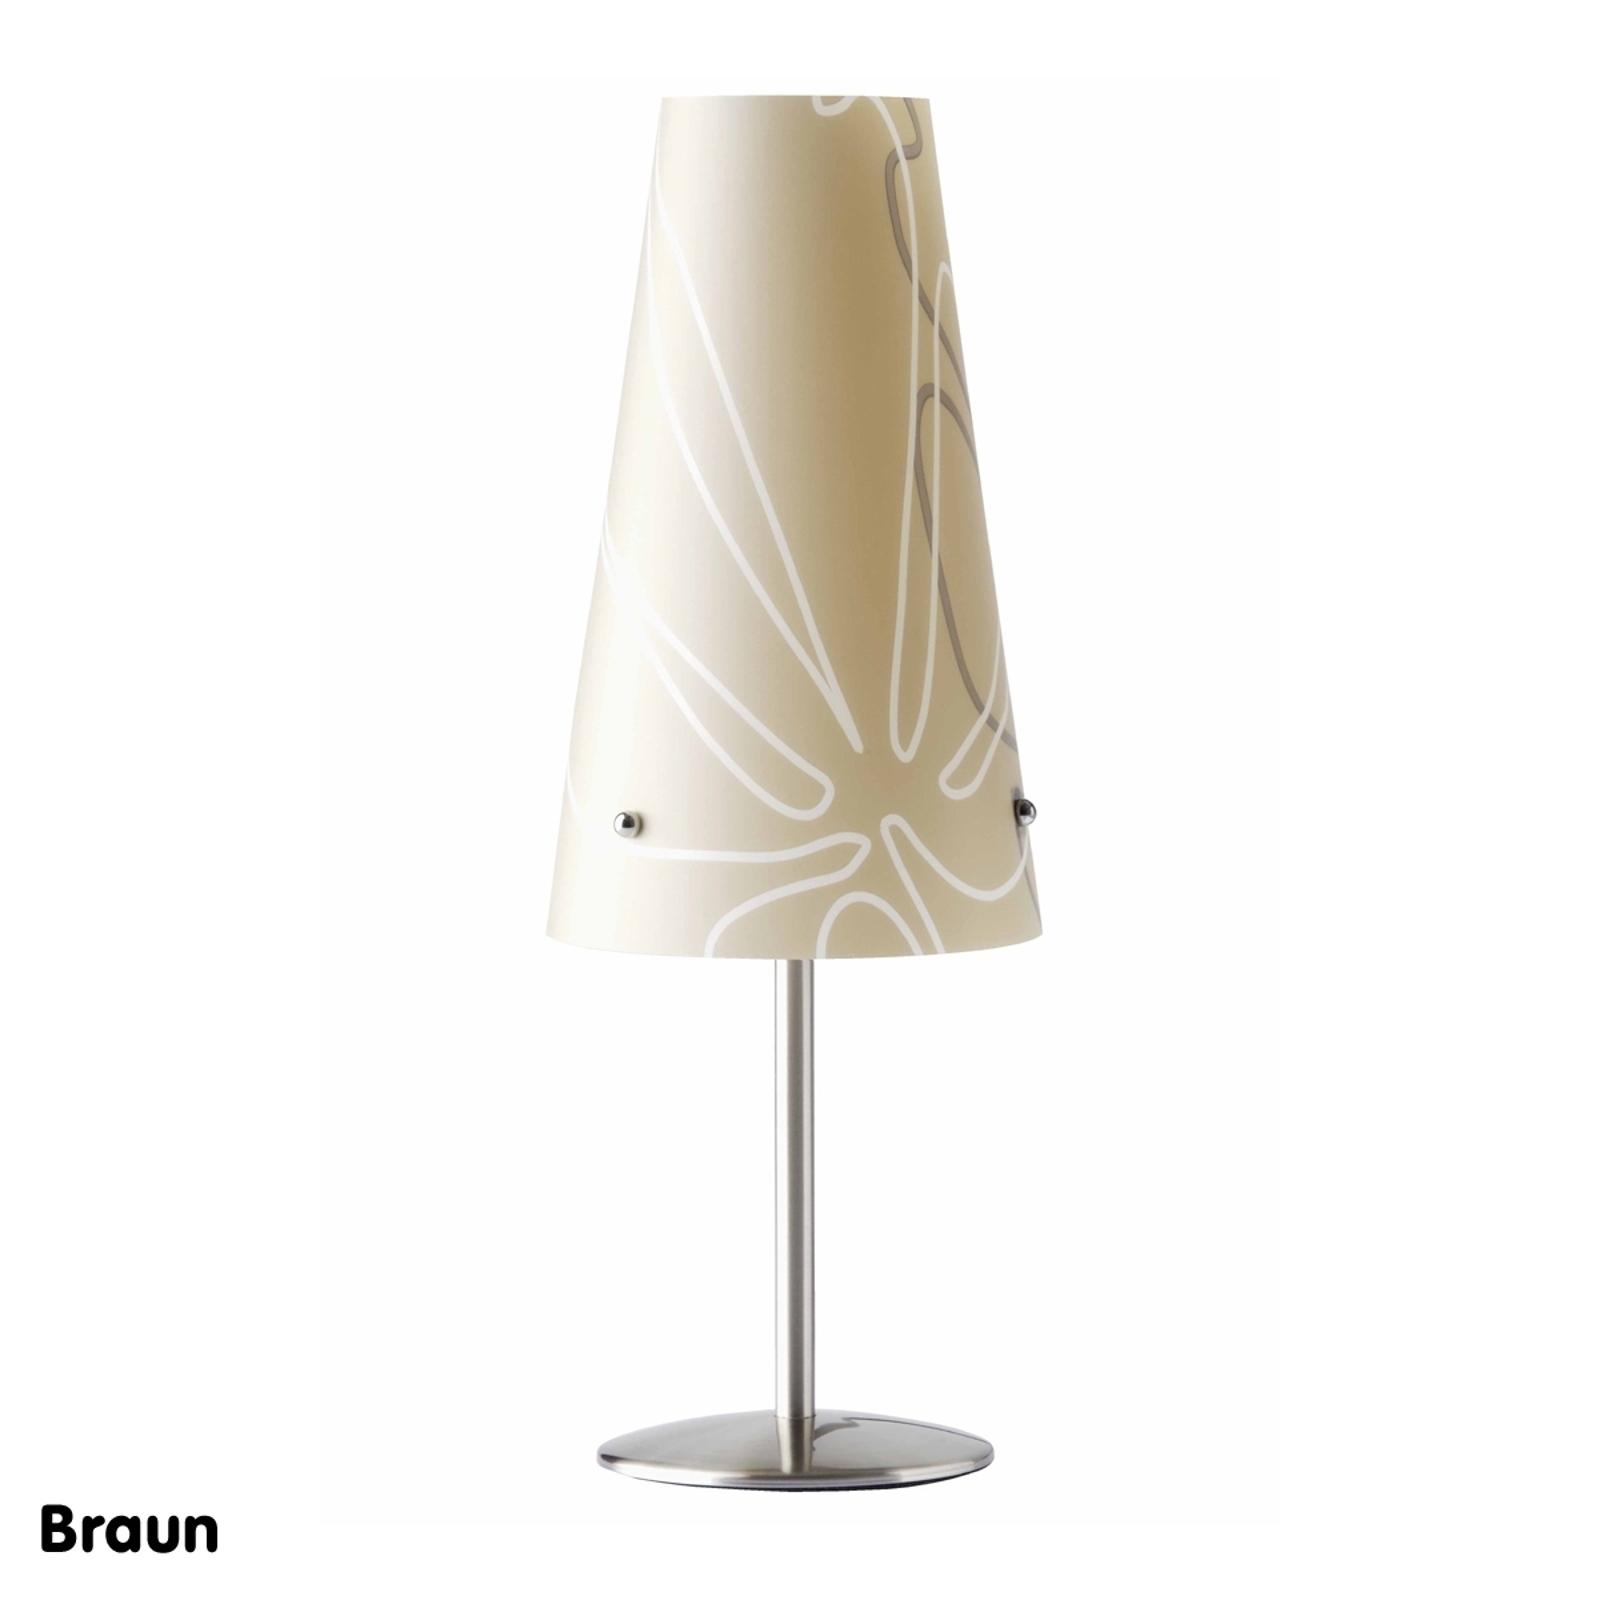 Tafellamp Isi bruin